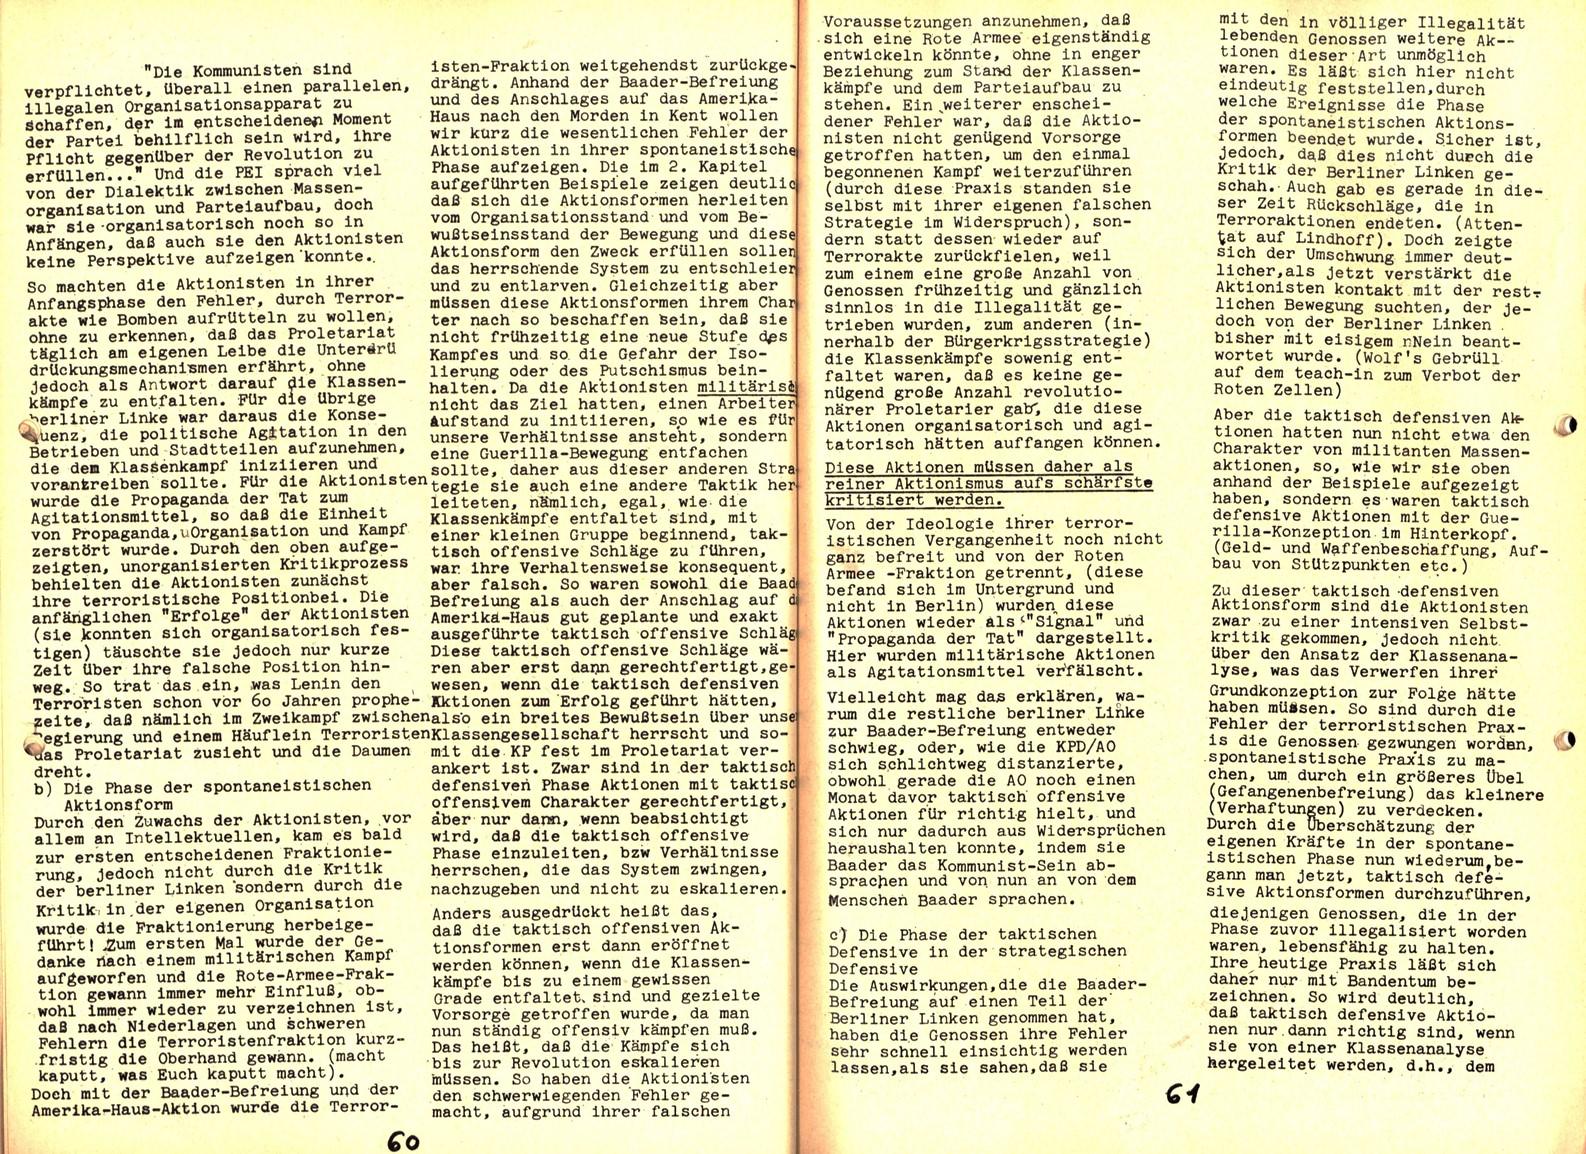 Berlin_Rotzing_1971_Kampfbericht_31